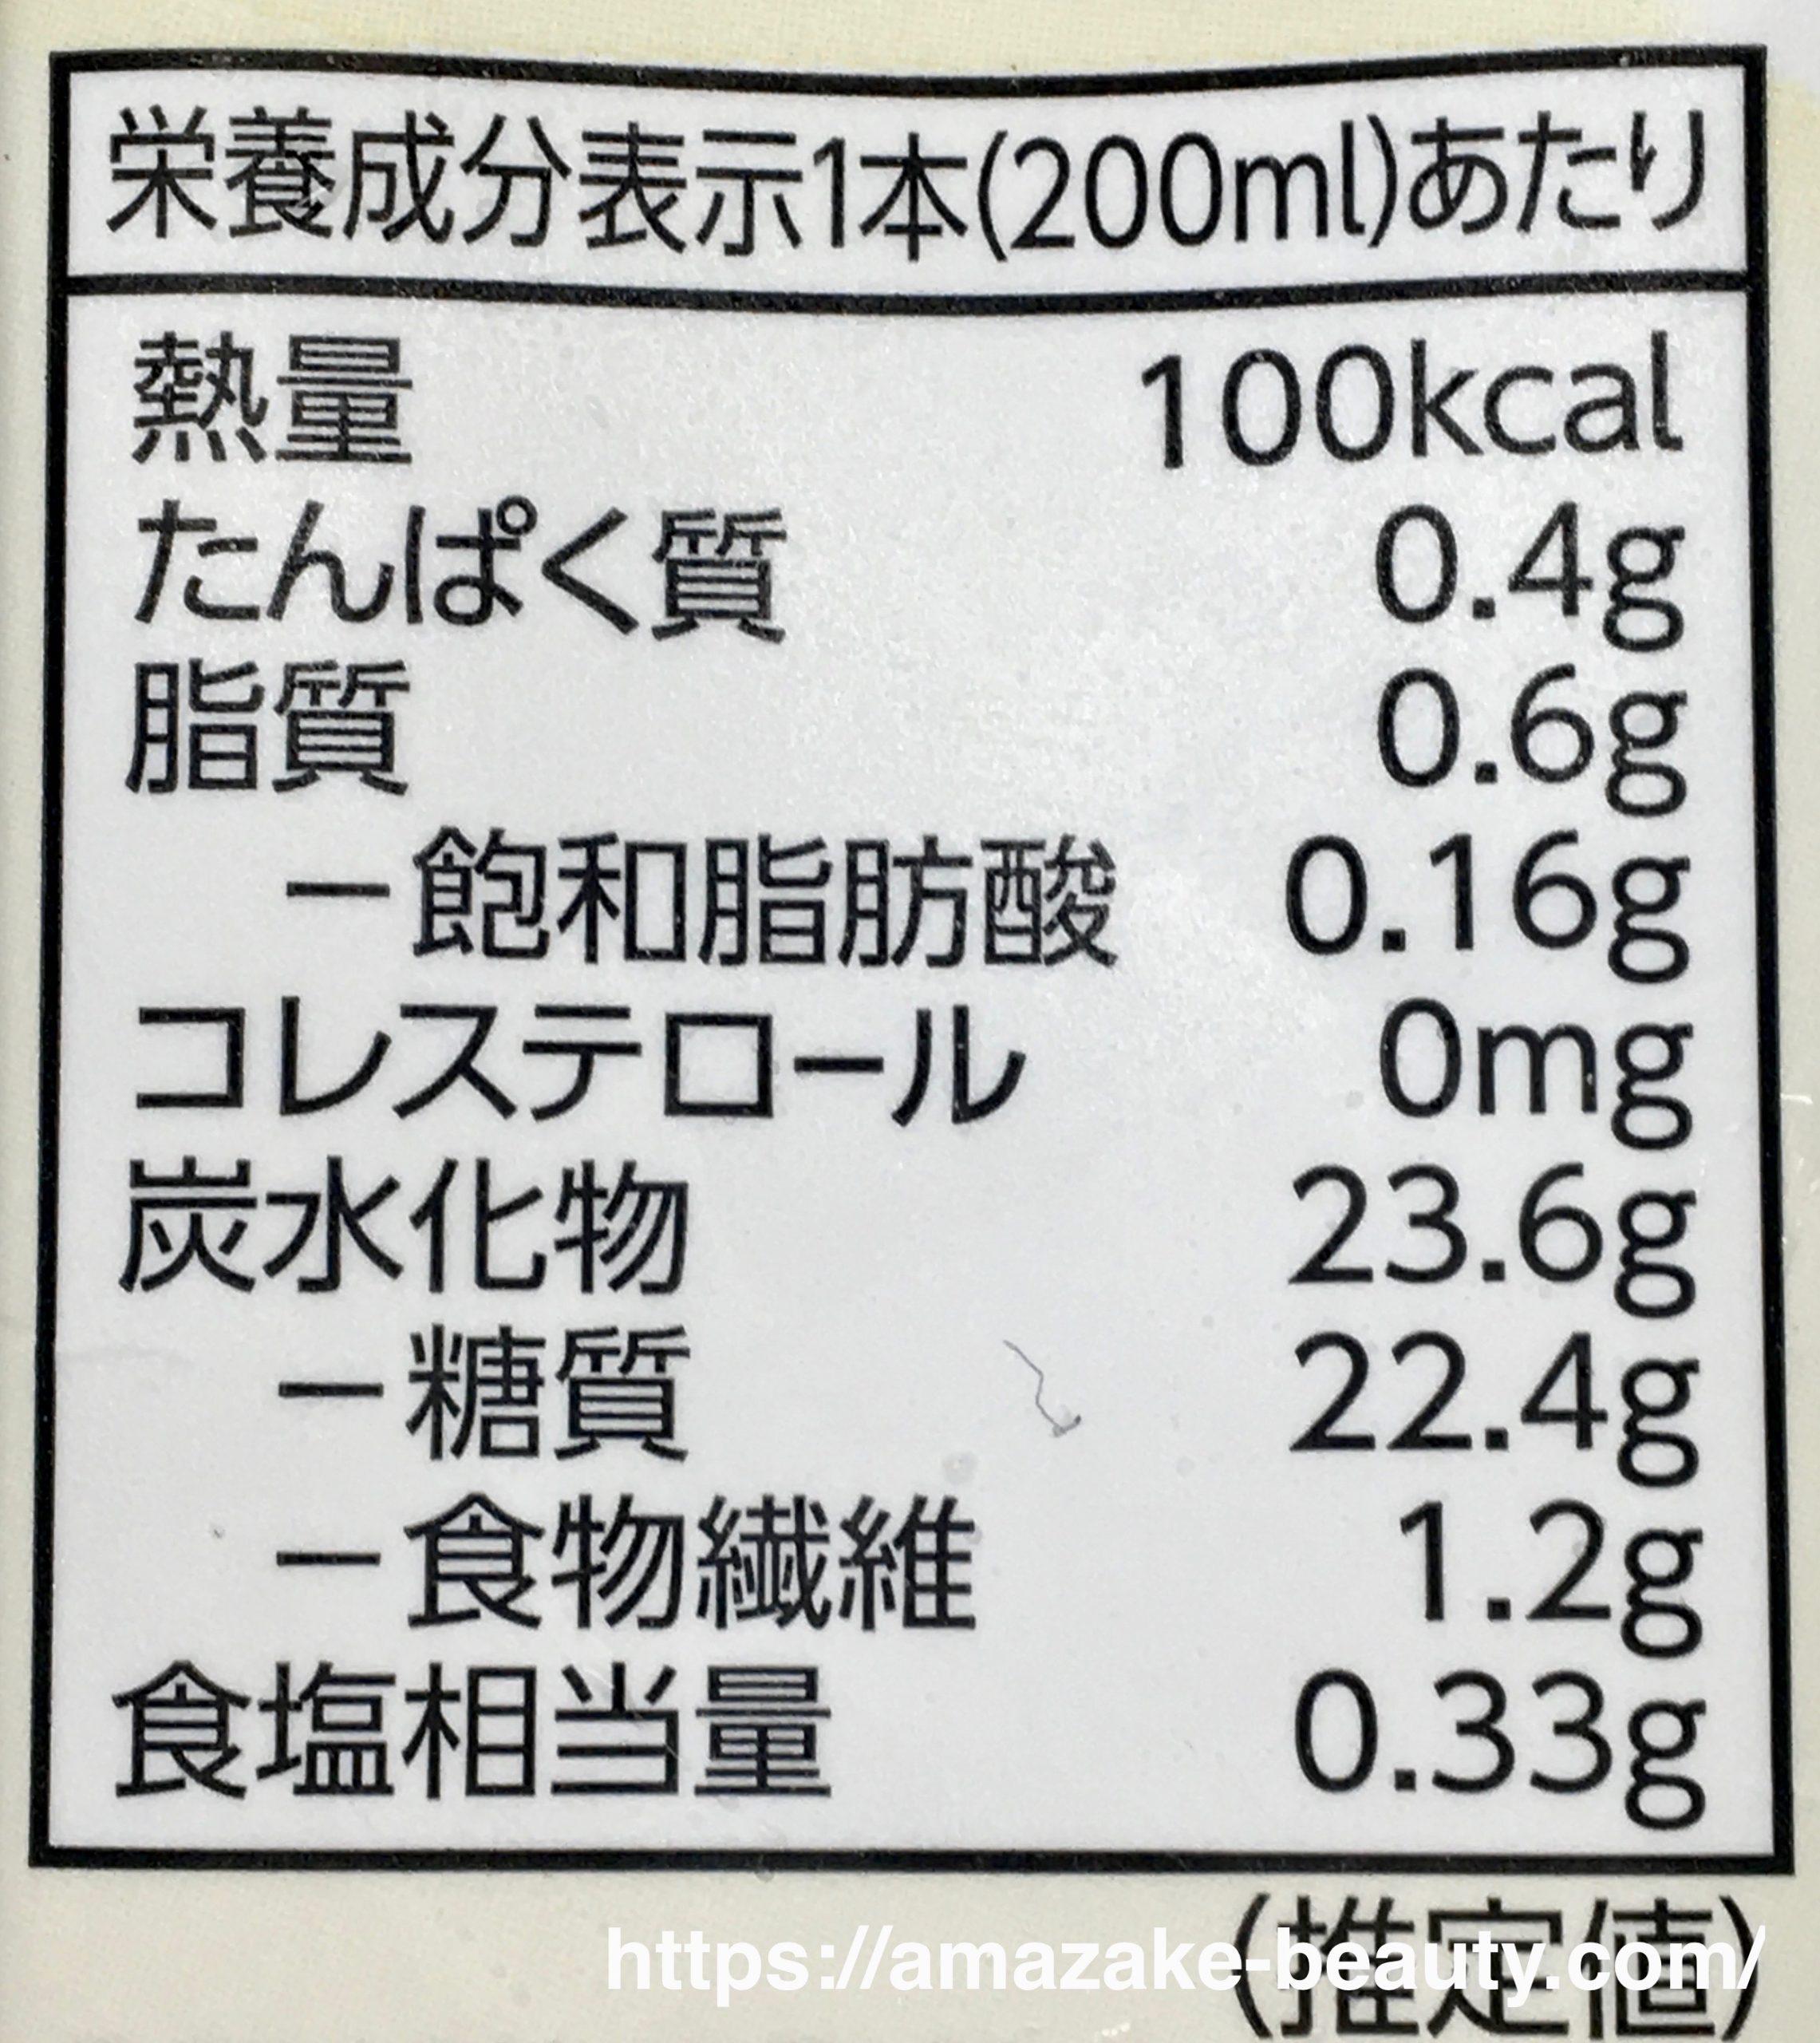 【甘酒】キッコーマン『甘酒』(栄養成分表示)